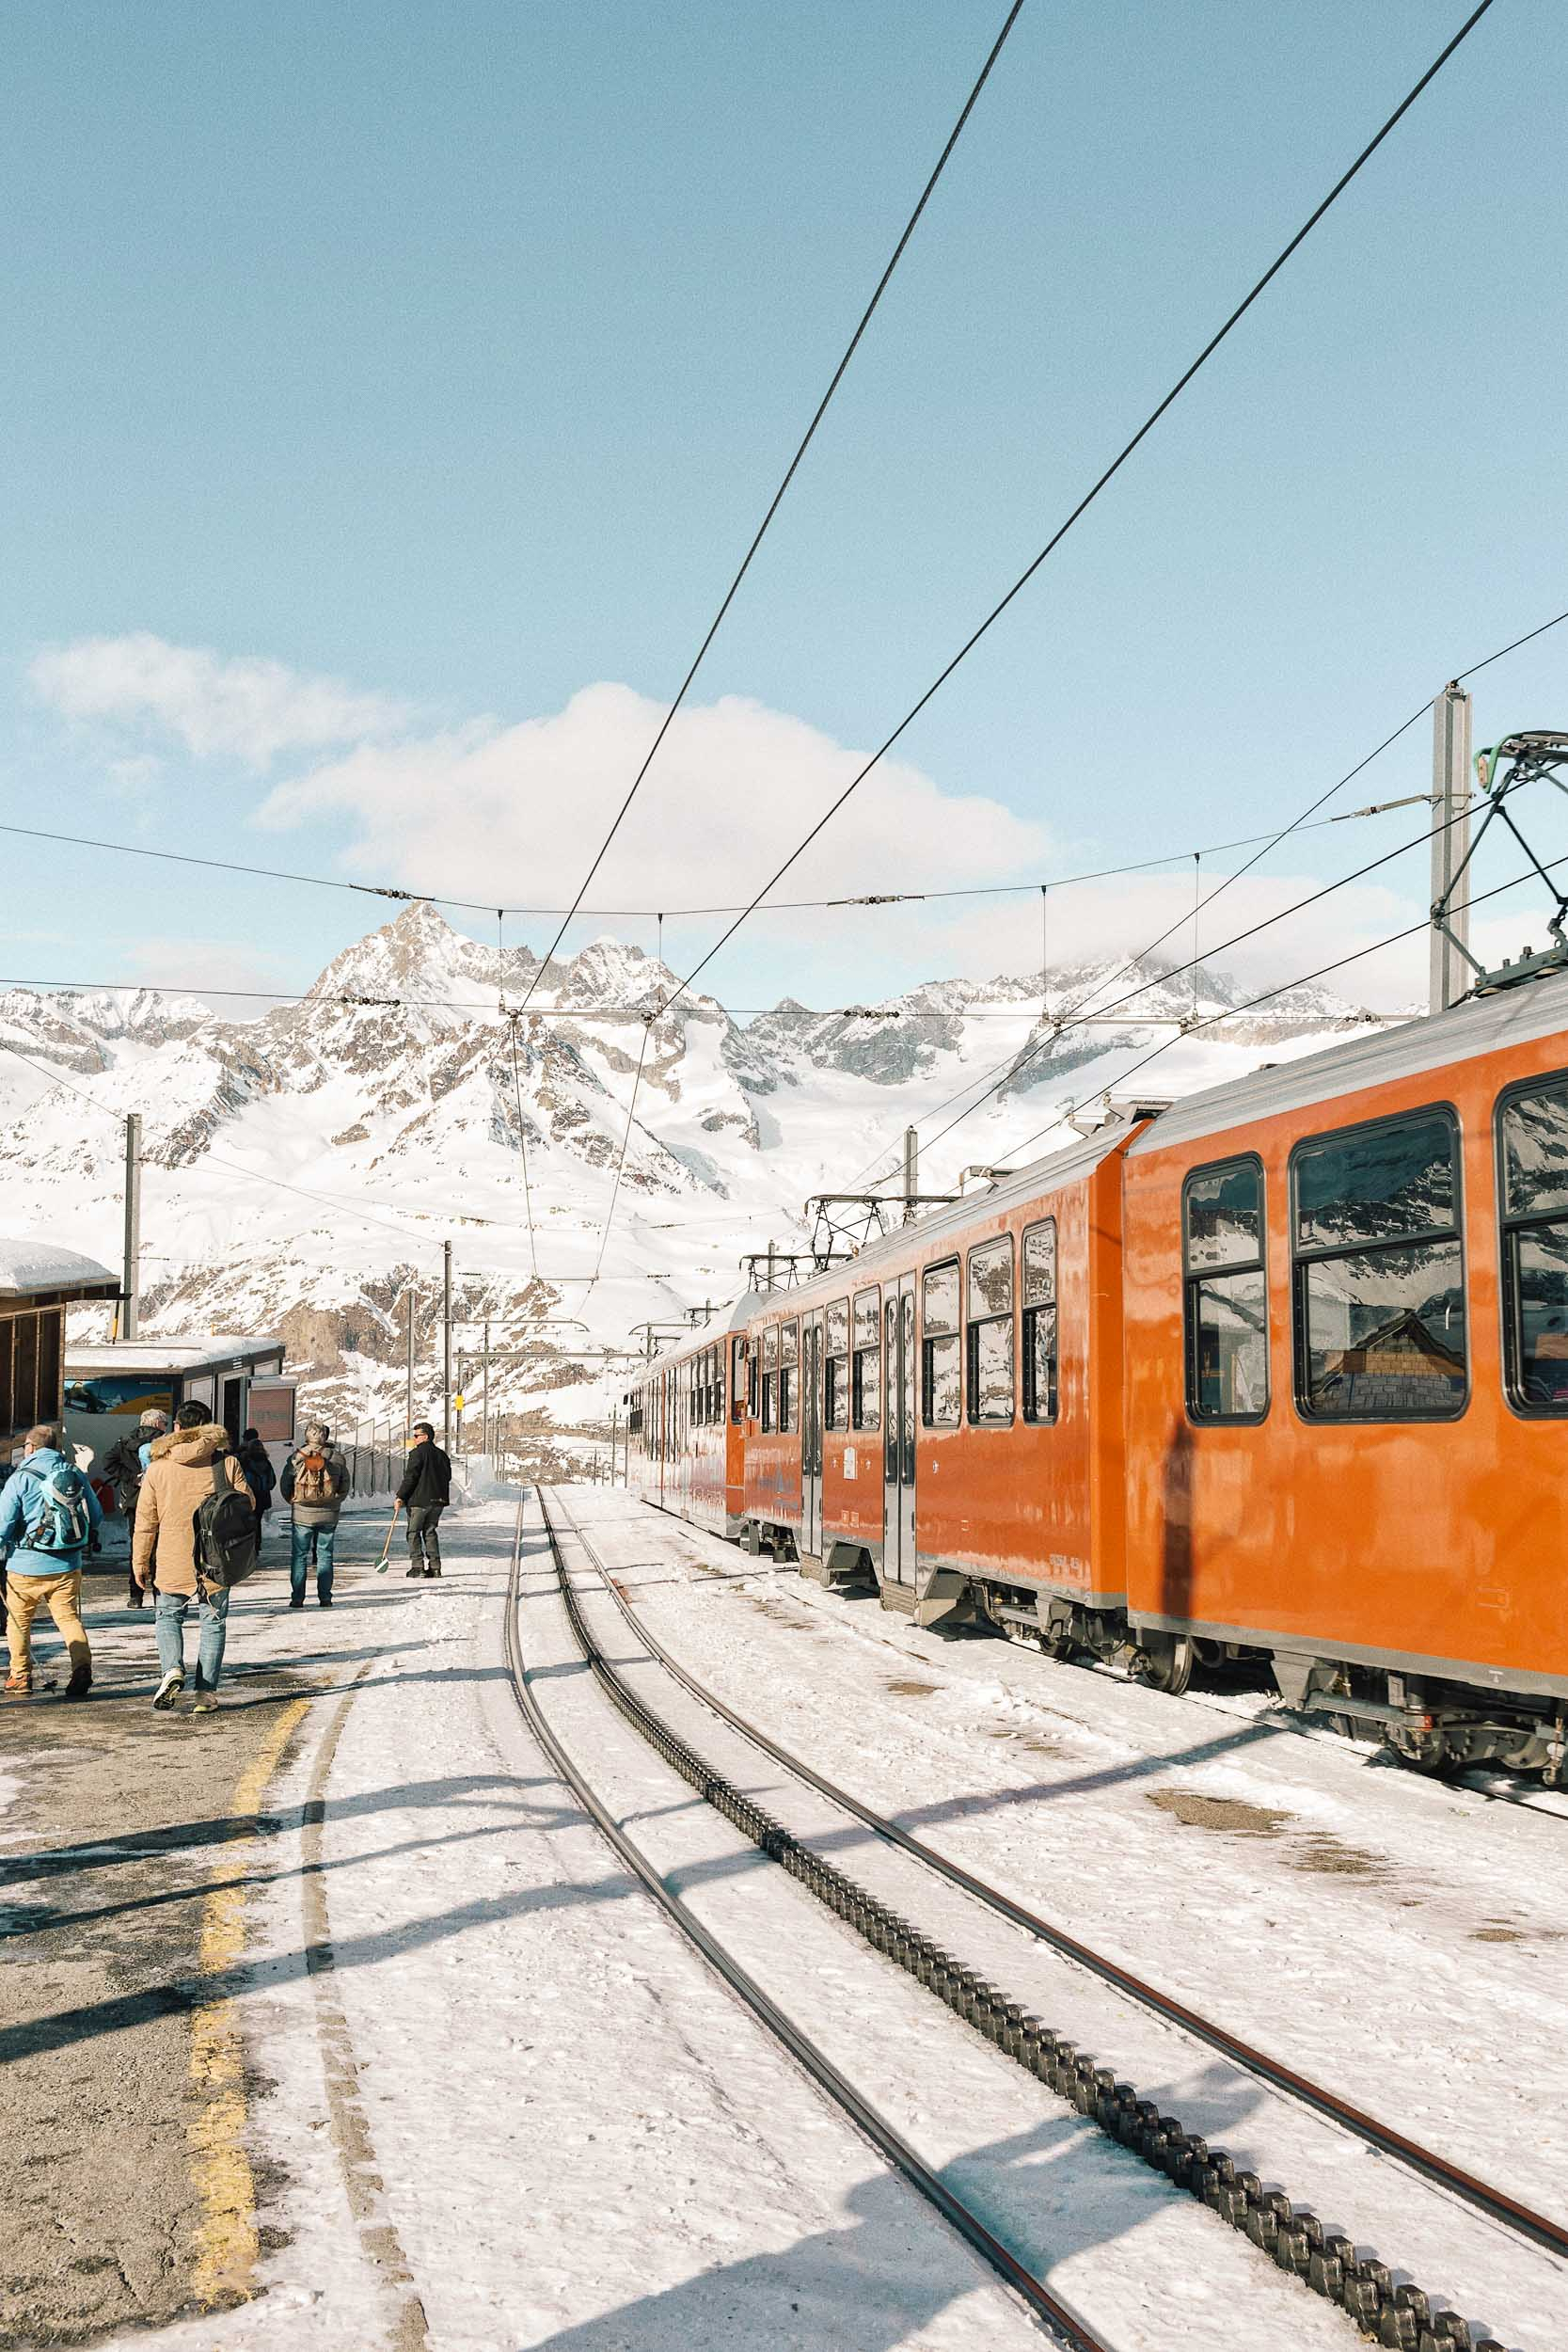 Zermatt is an outdoor adventure lovers dream!